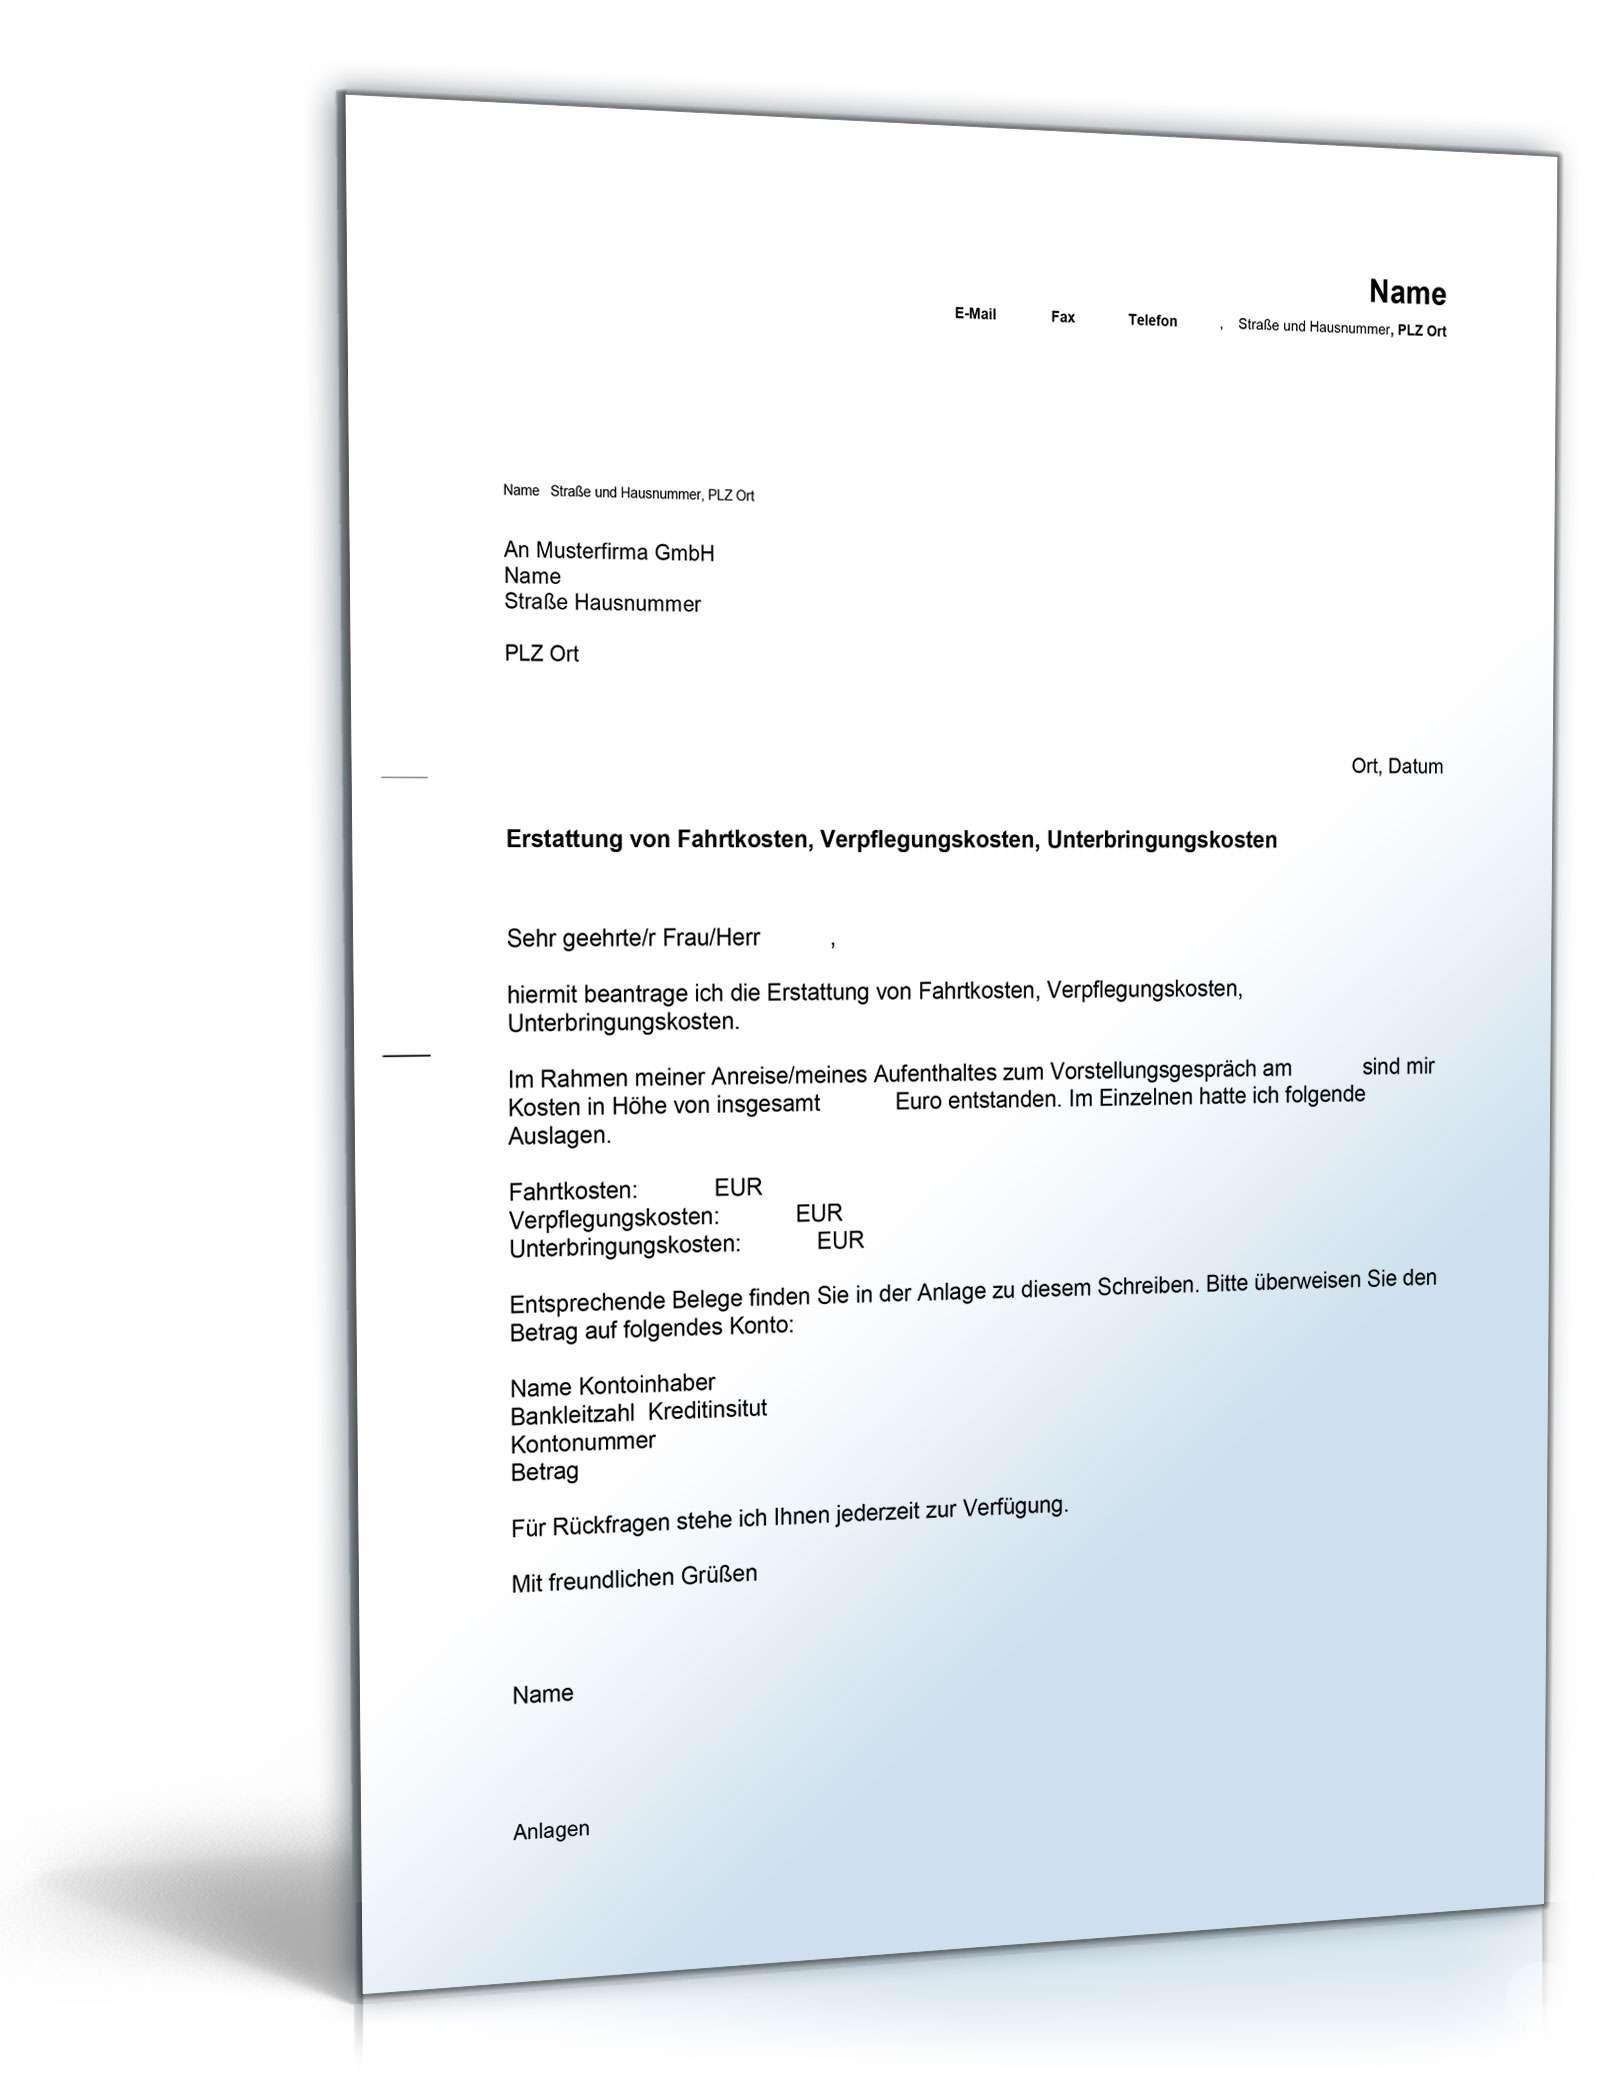 Schön Kellnerin Synonym Für Lebenslauf Fotos - Entry Level Resume ...